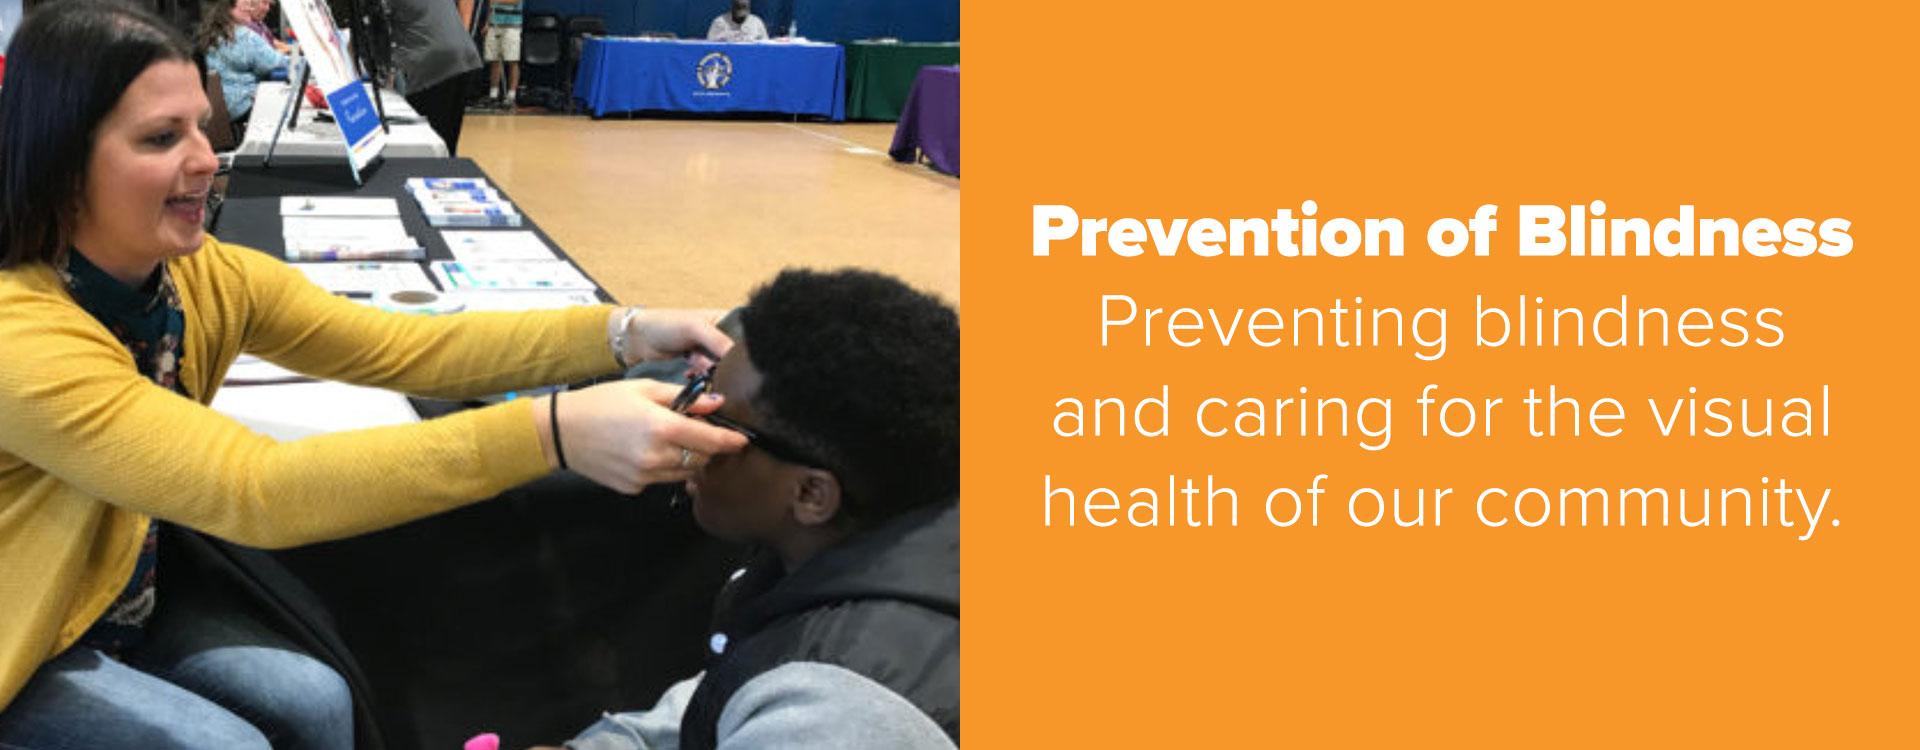 prevention-of-blindness